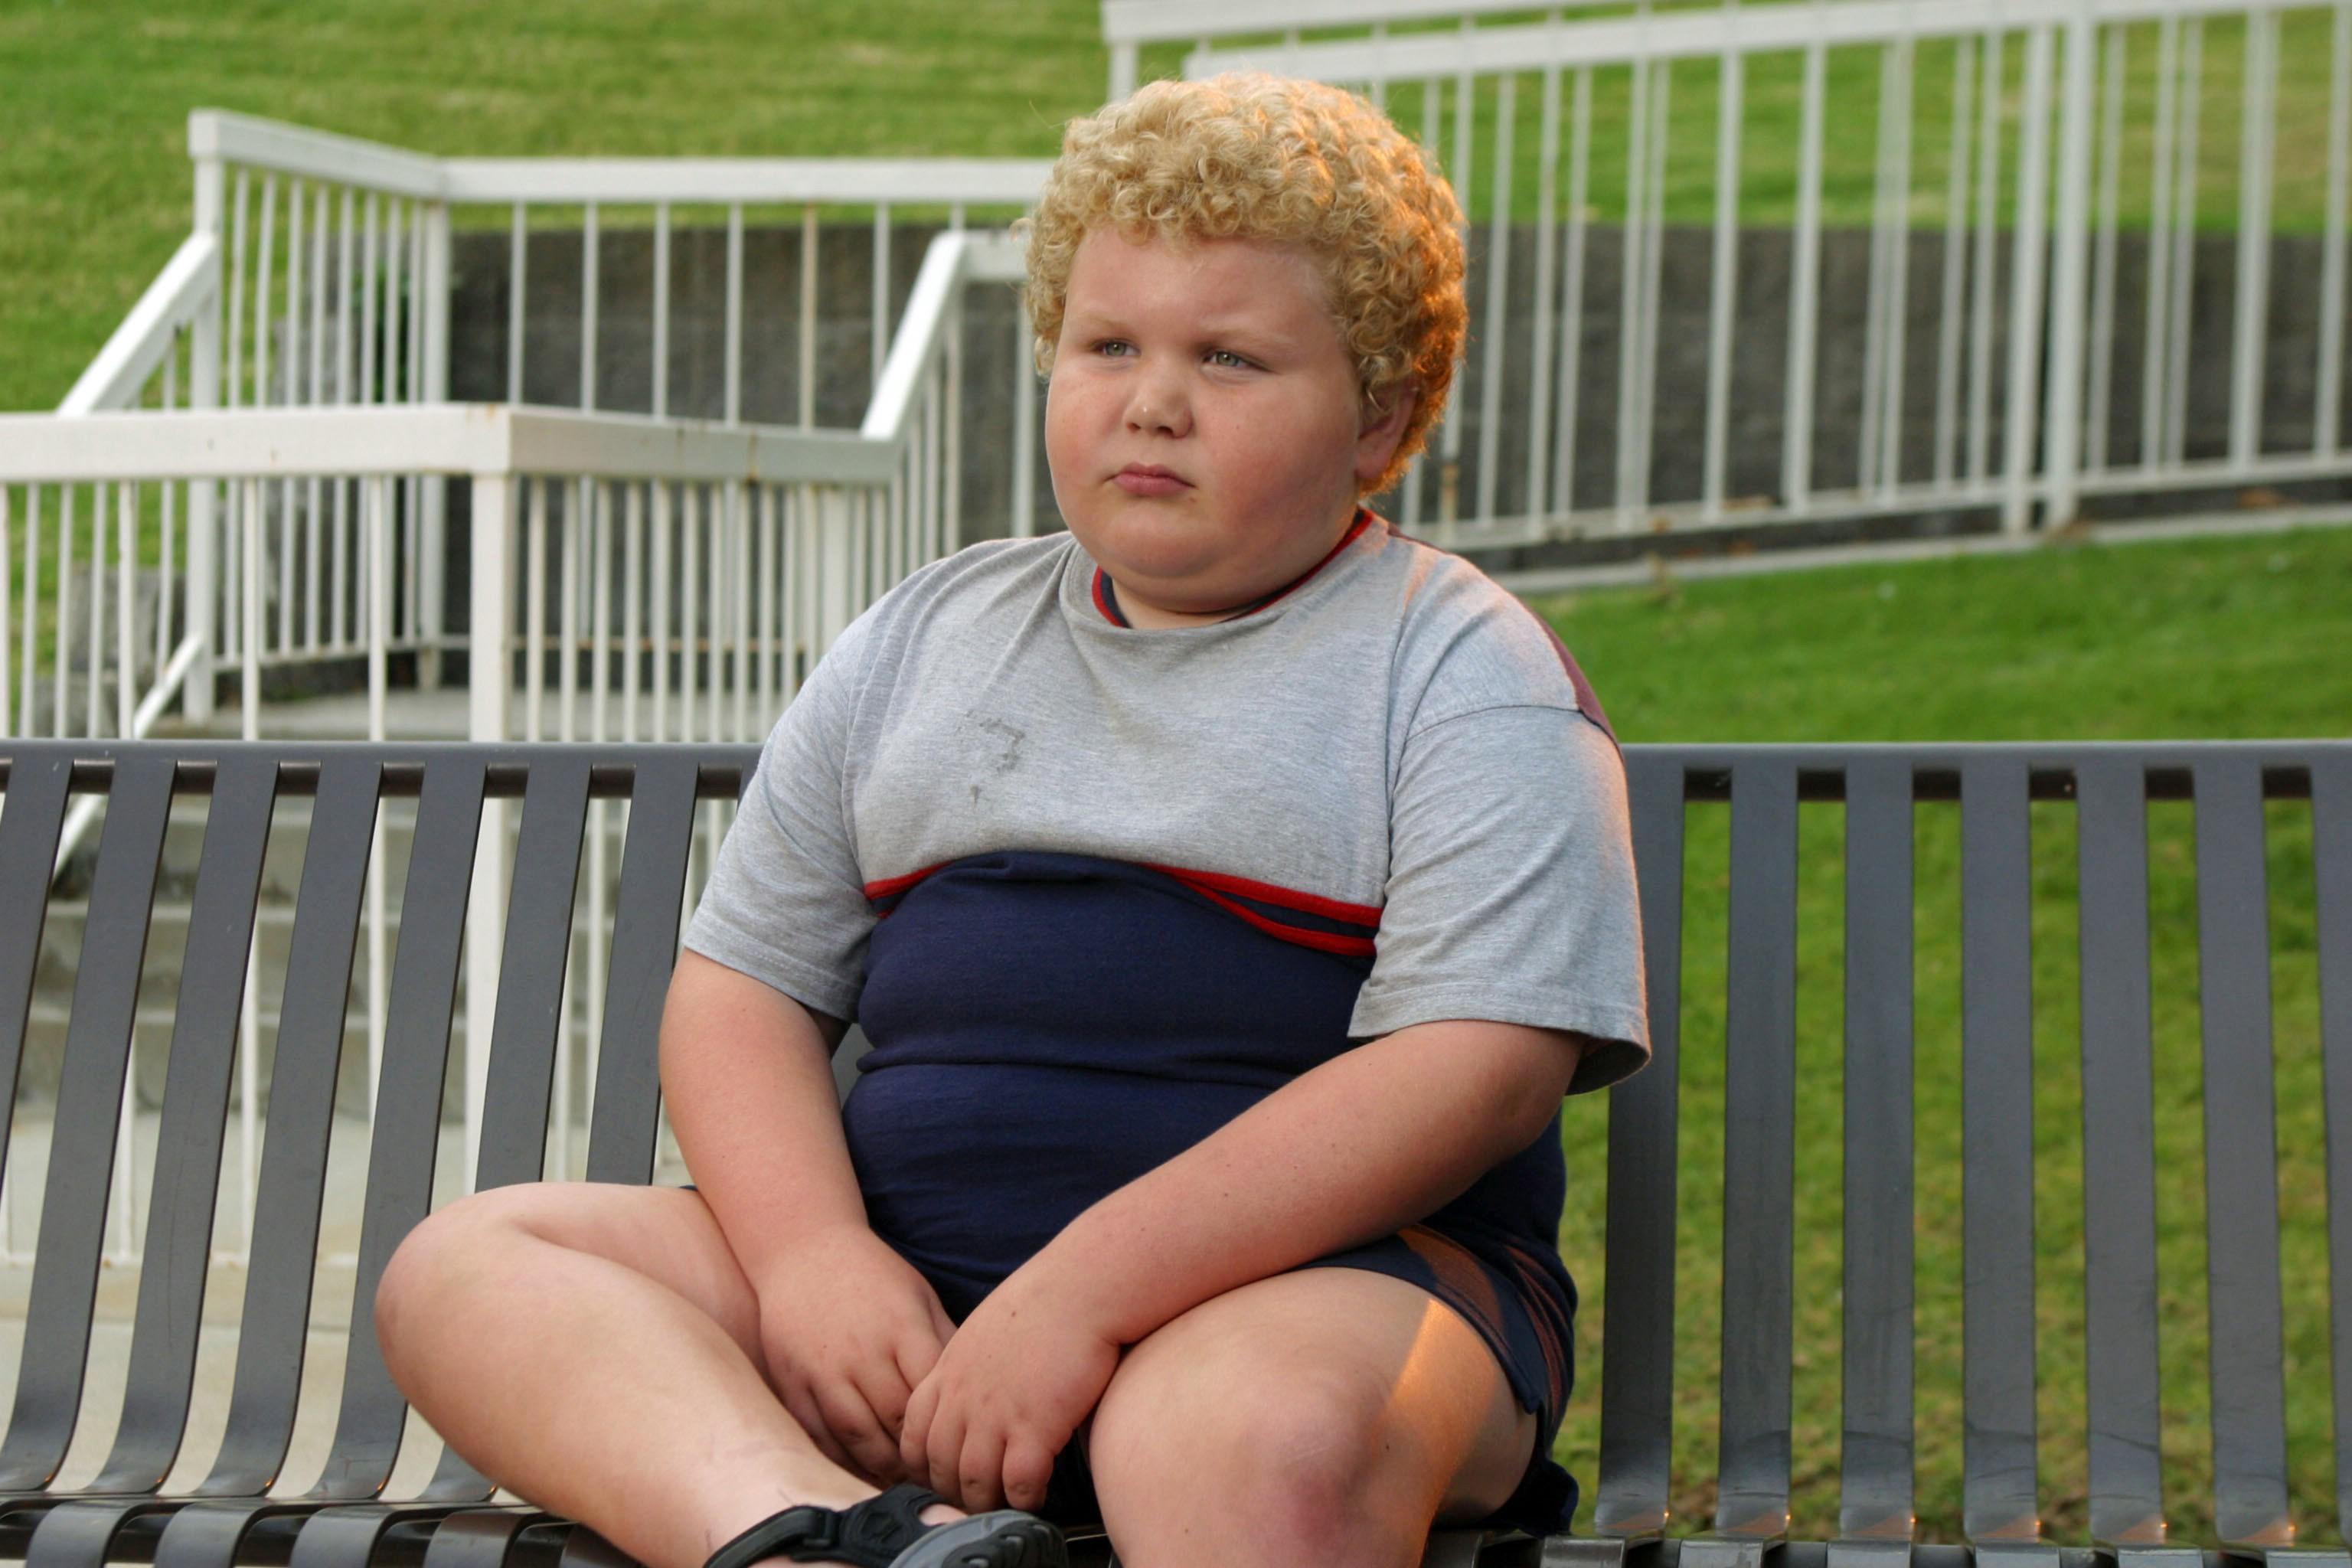 Fogyókúra kövér gyerekeknek